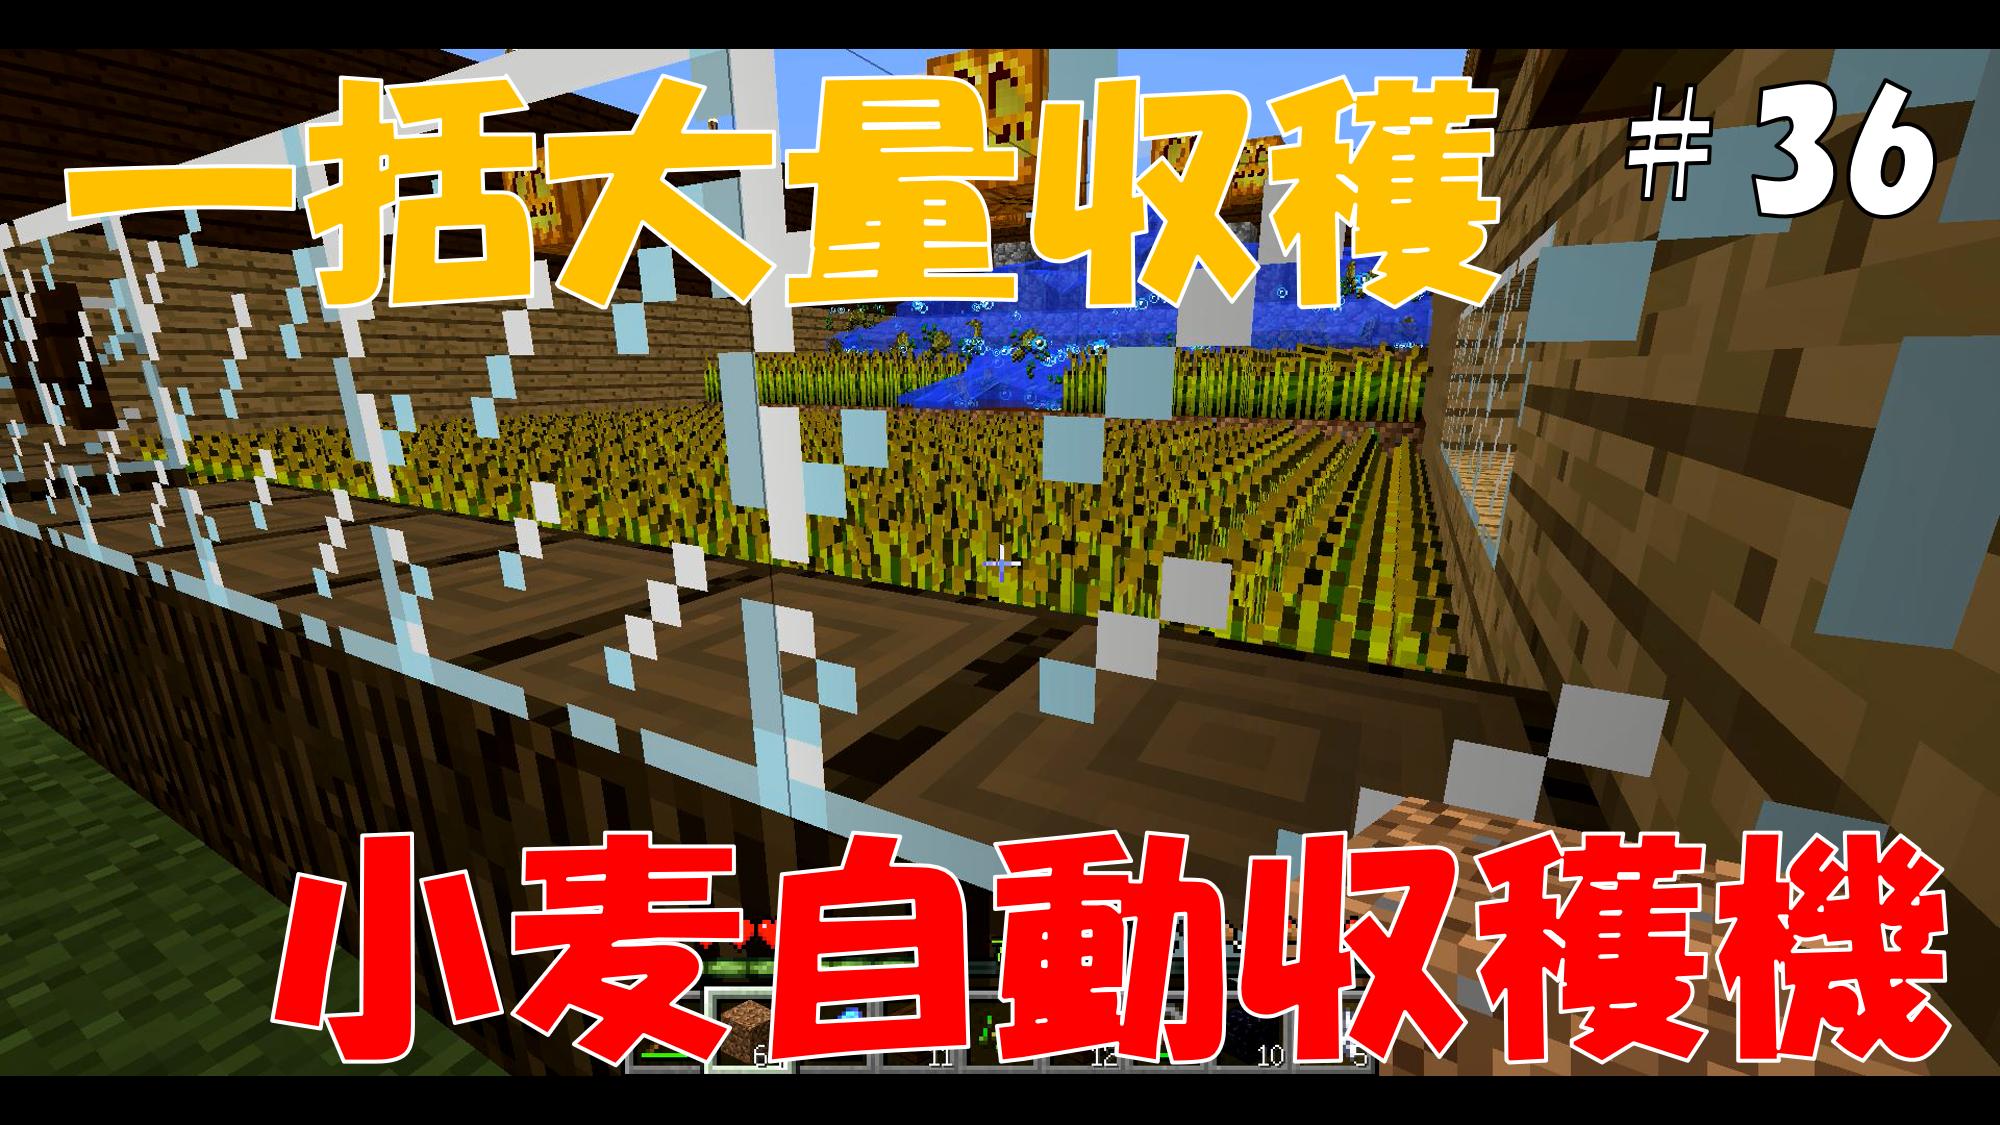 マイクラ日記 36【一括大量収穫!自動小麦収穫機を建築する